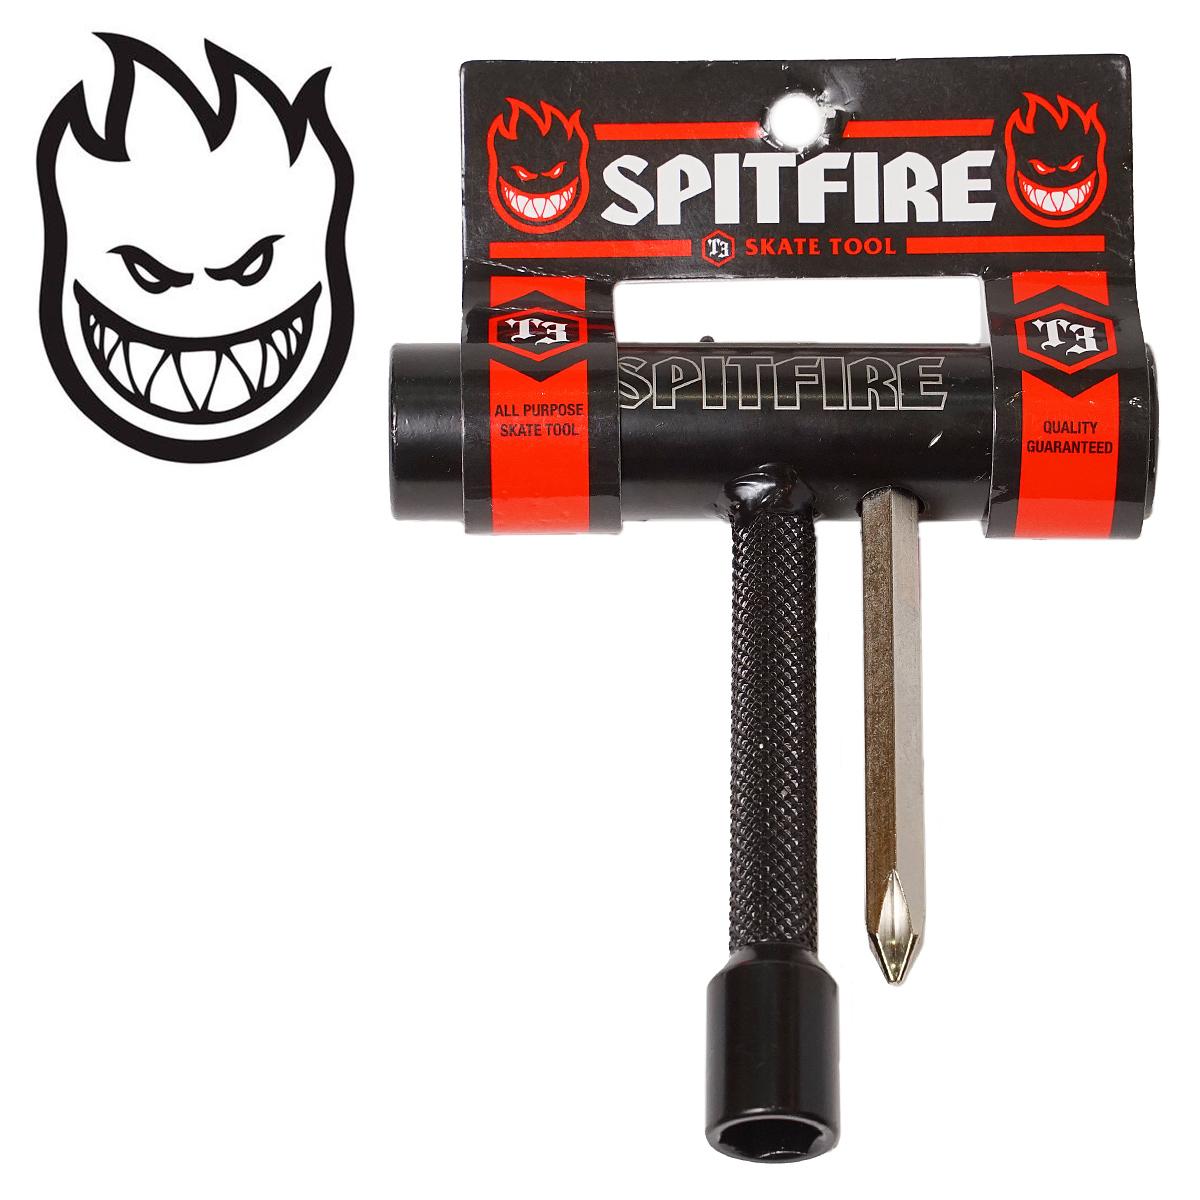 SPITFIRE  T3 SKATEBOARD TOOL  スピットファイヤー メンズ ストリート スケートボード スポーツ スケボーツール